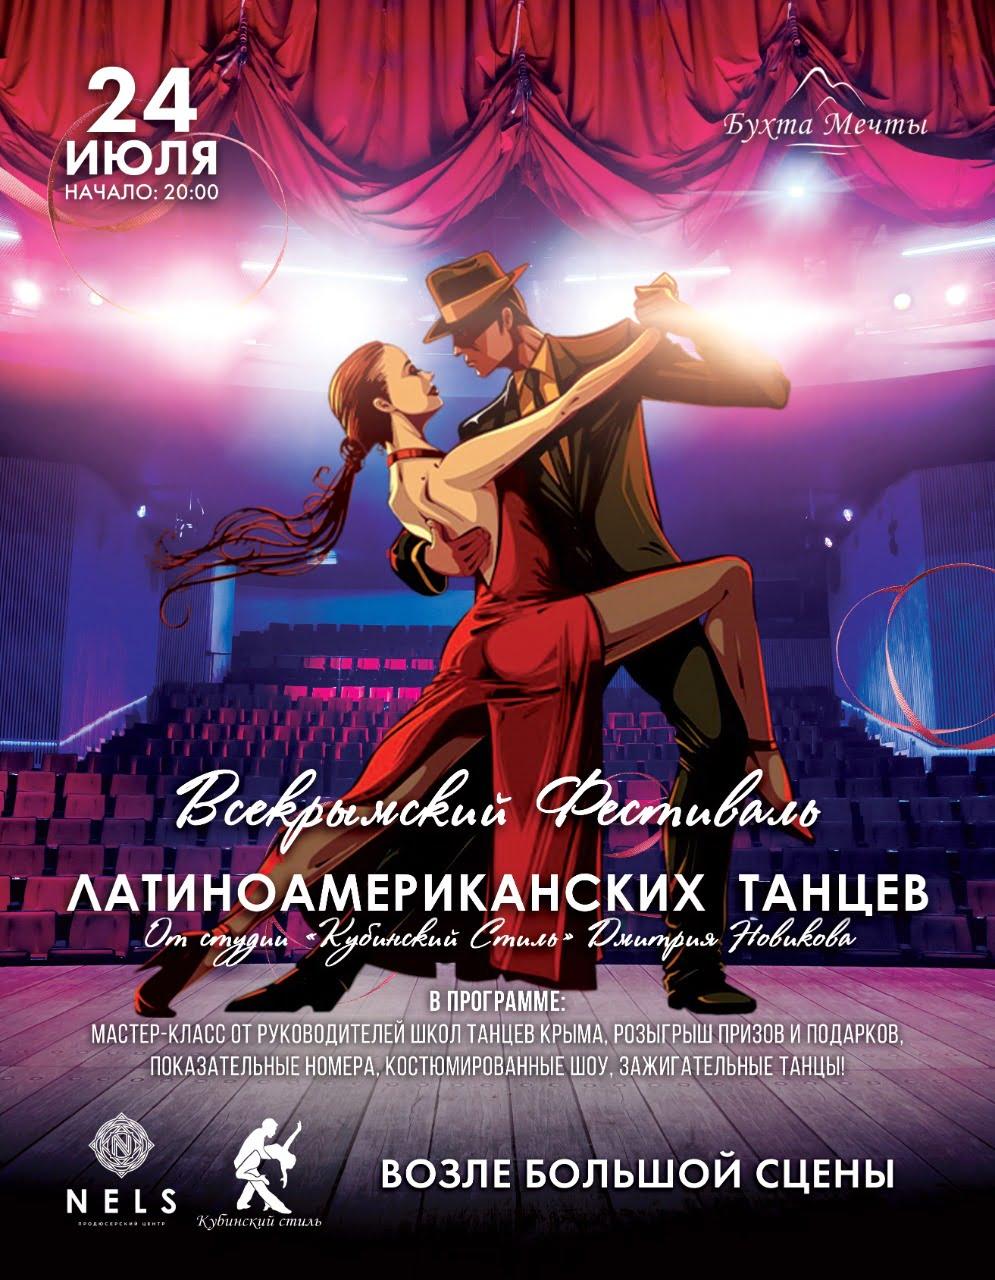 фестиваль латиноамериканских танцев в крыму